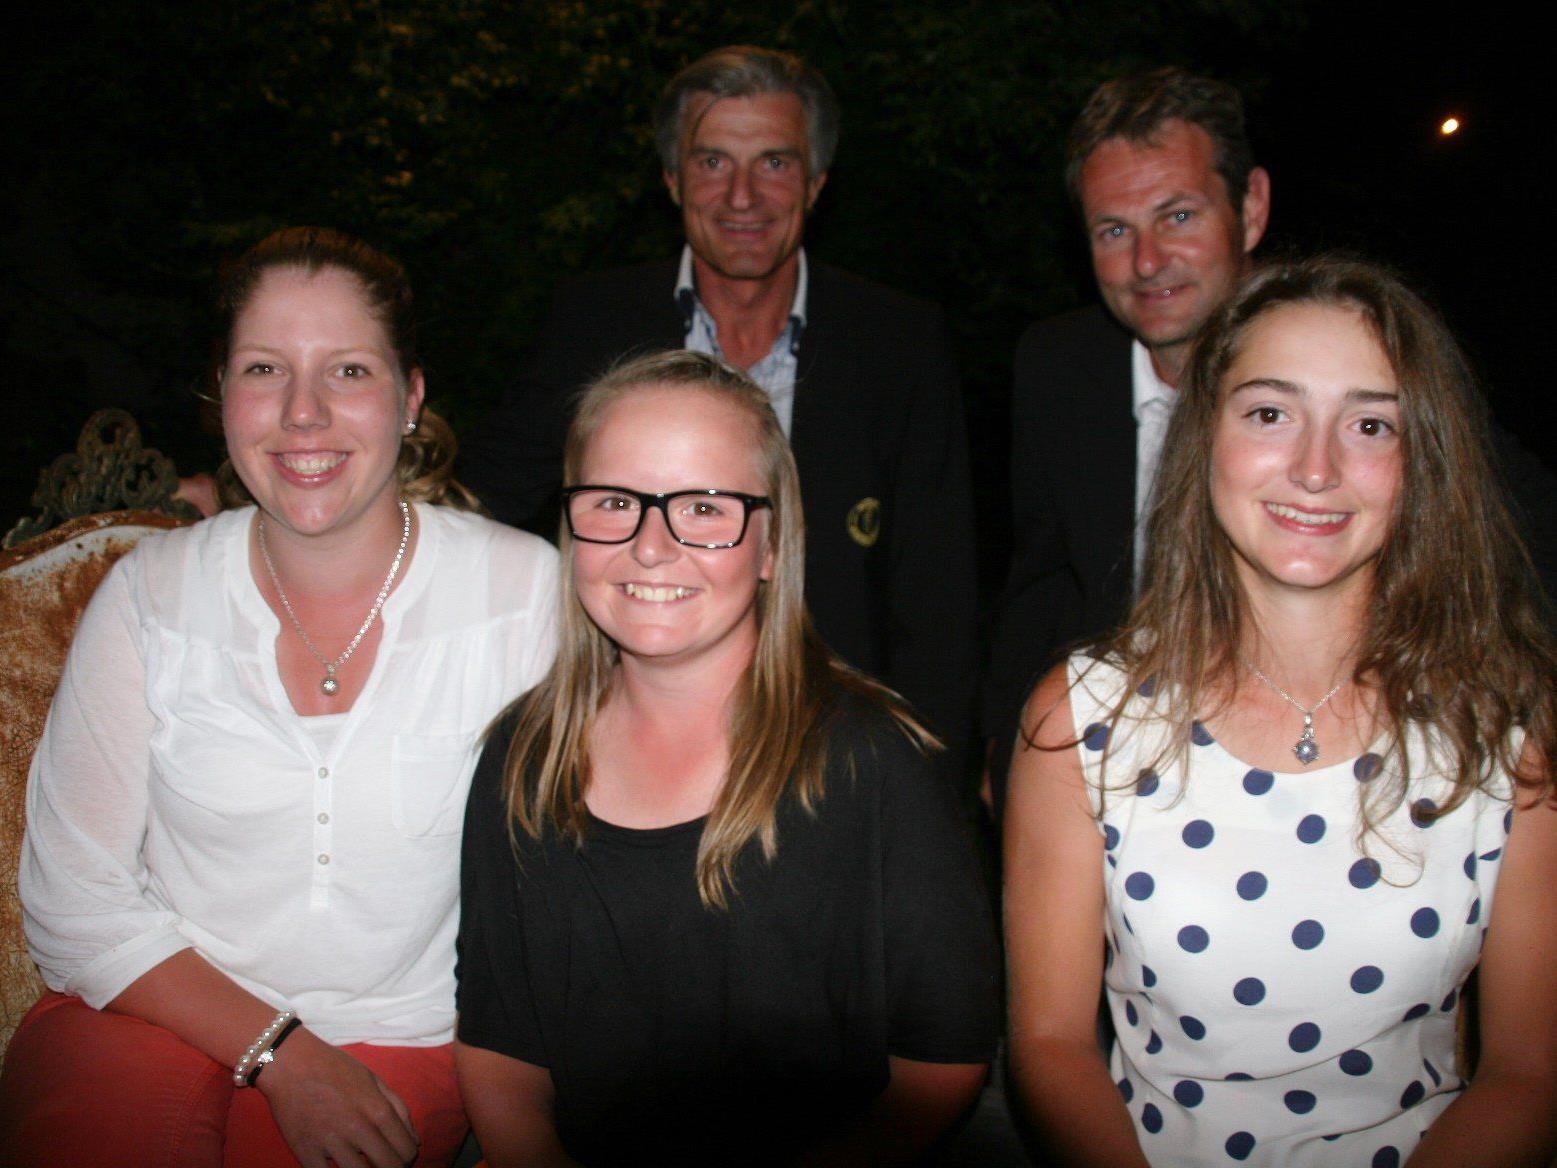 Das Golf-Vorstandsturnier in Rankweil war ein voller Erfolg und die Frauen haben sportlich überzeugt.